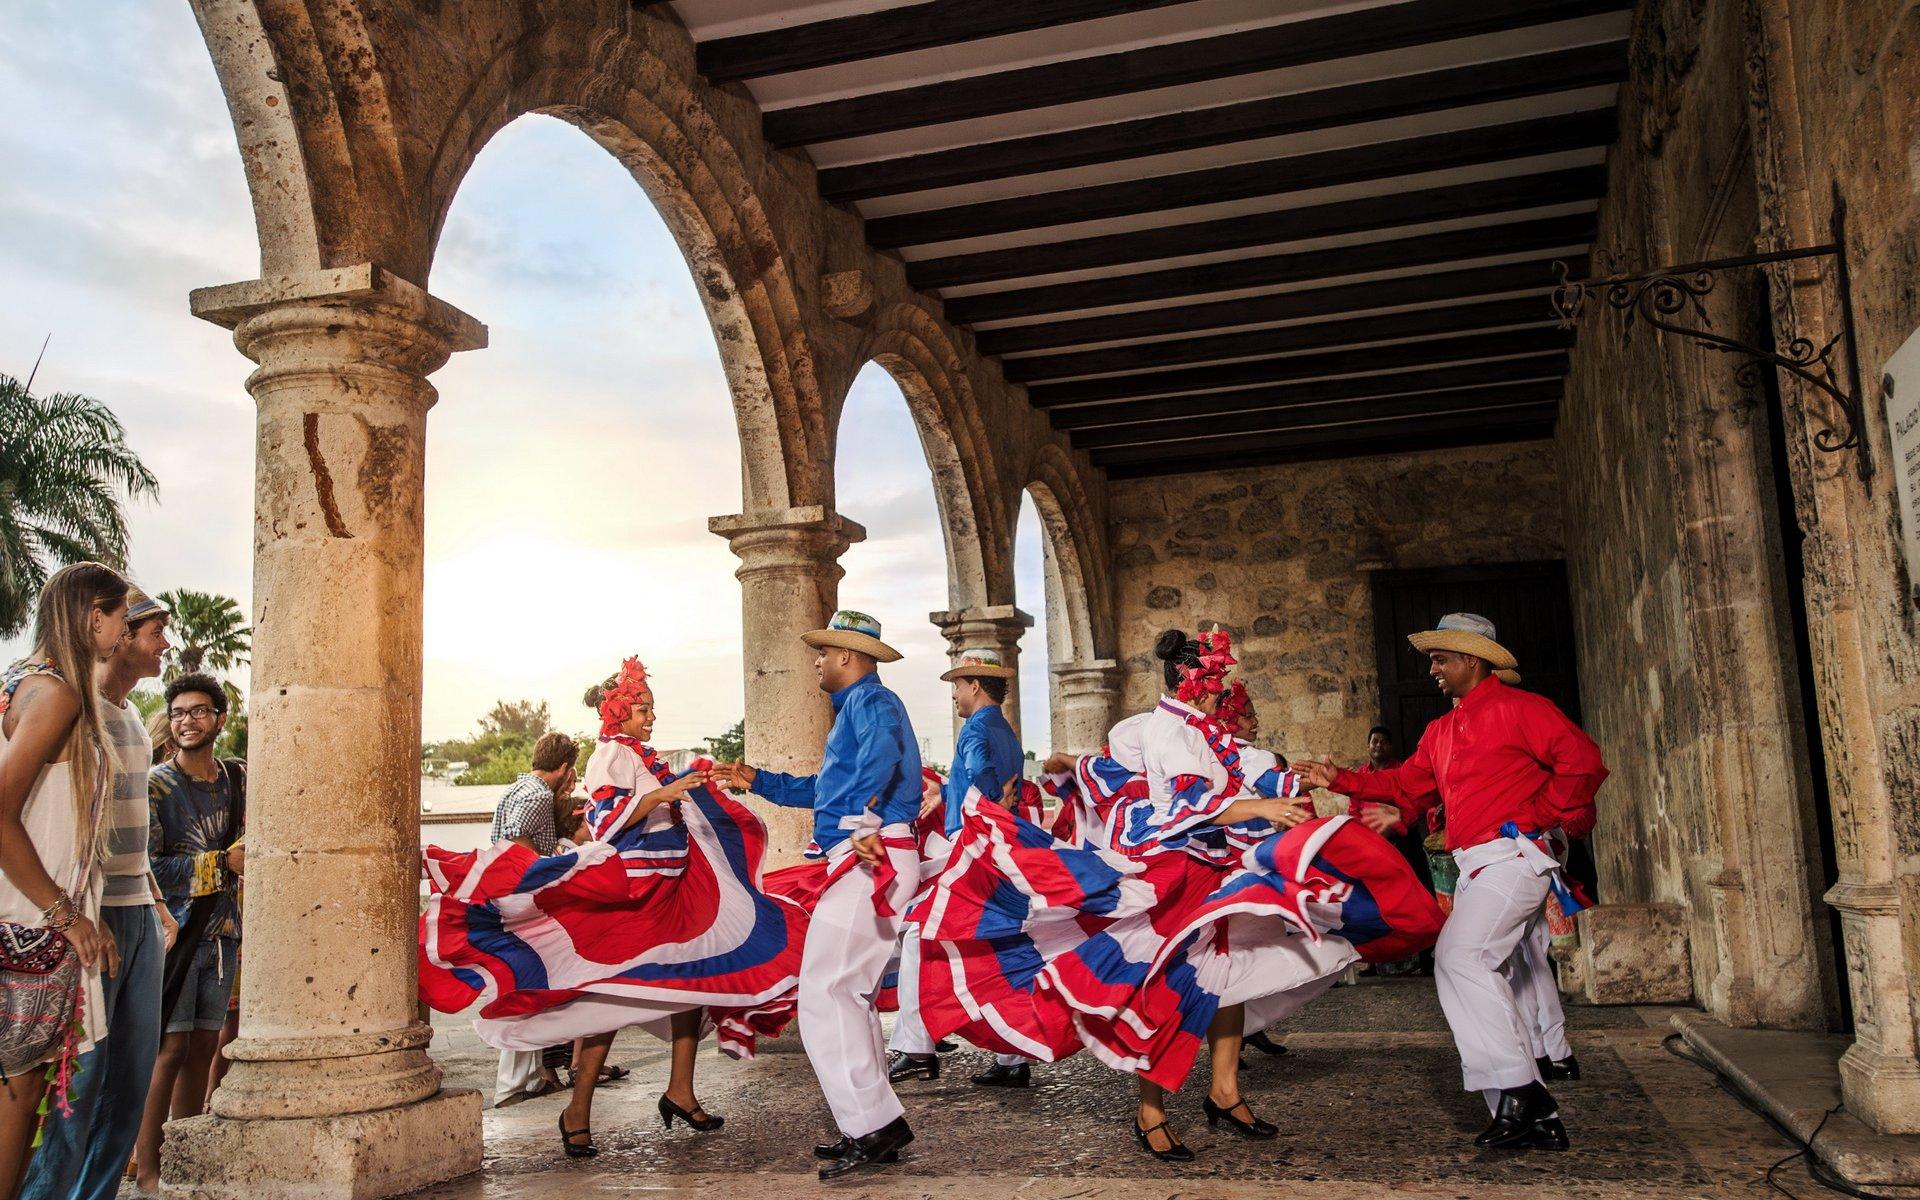 Жители Доминиканы отмечают праздники с размахом